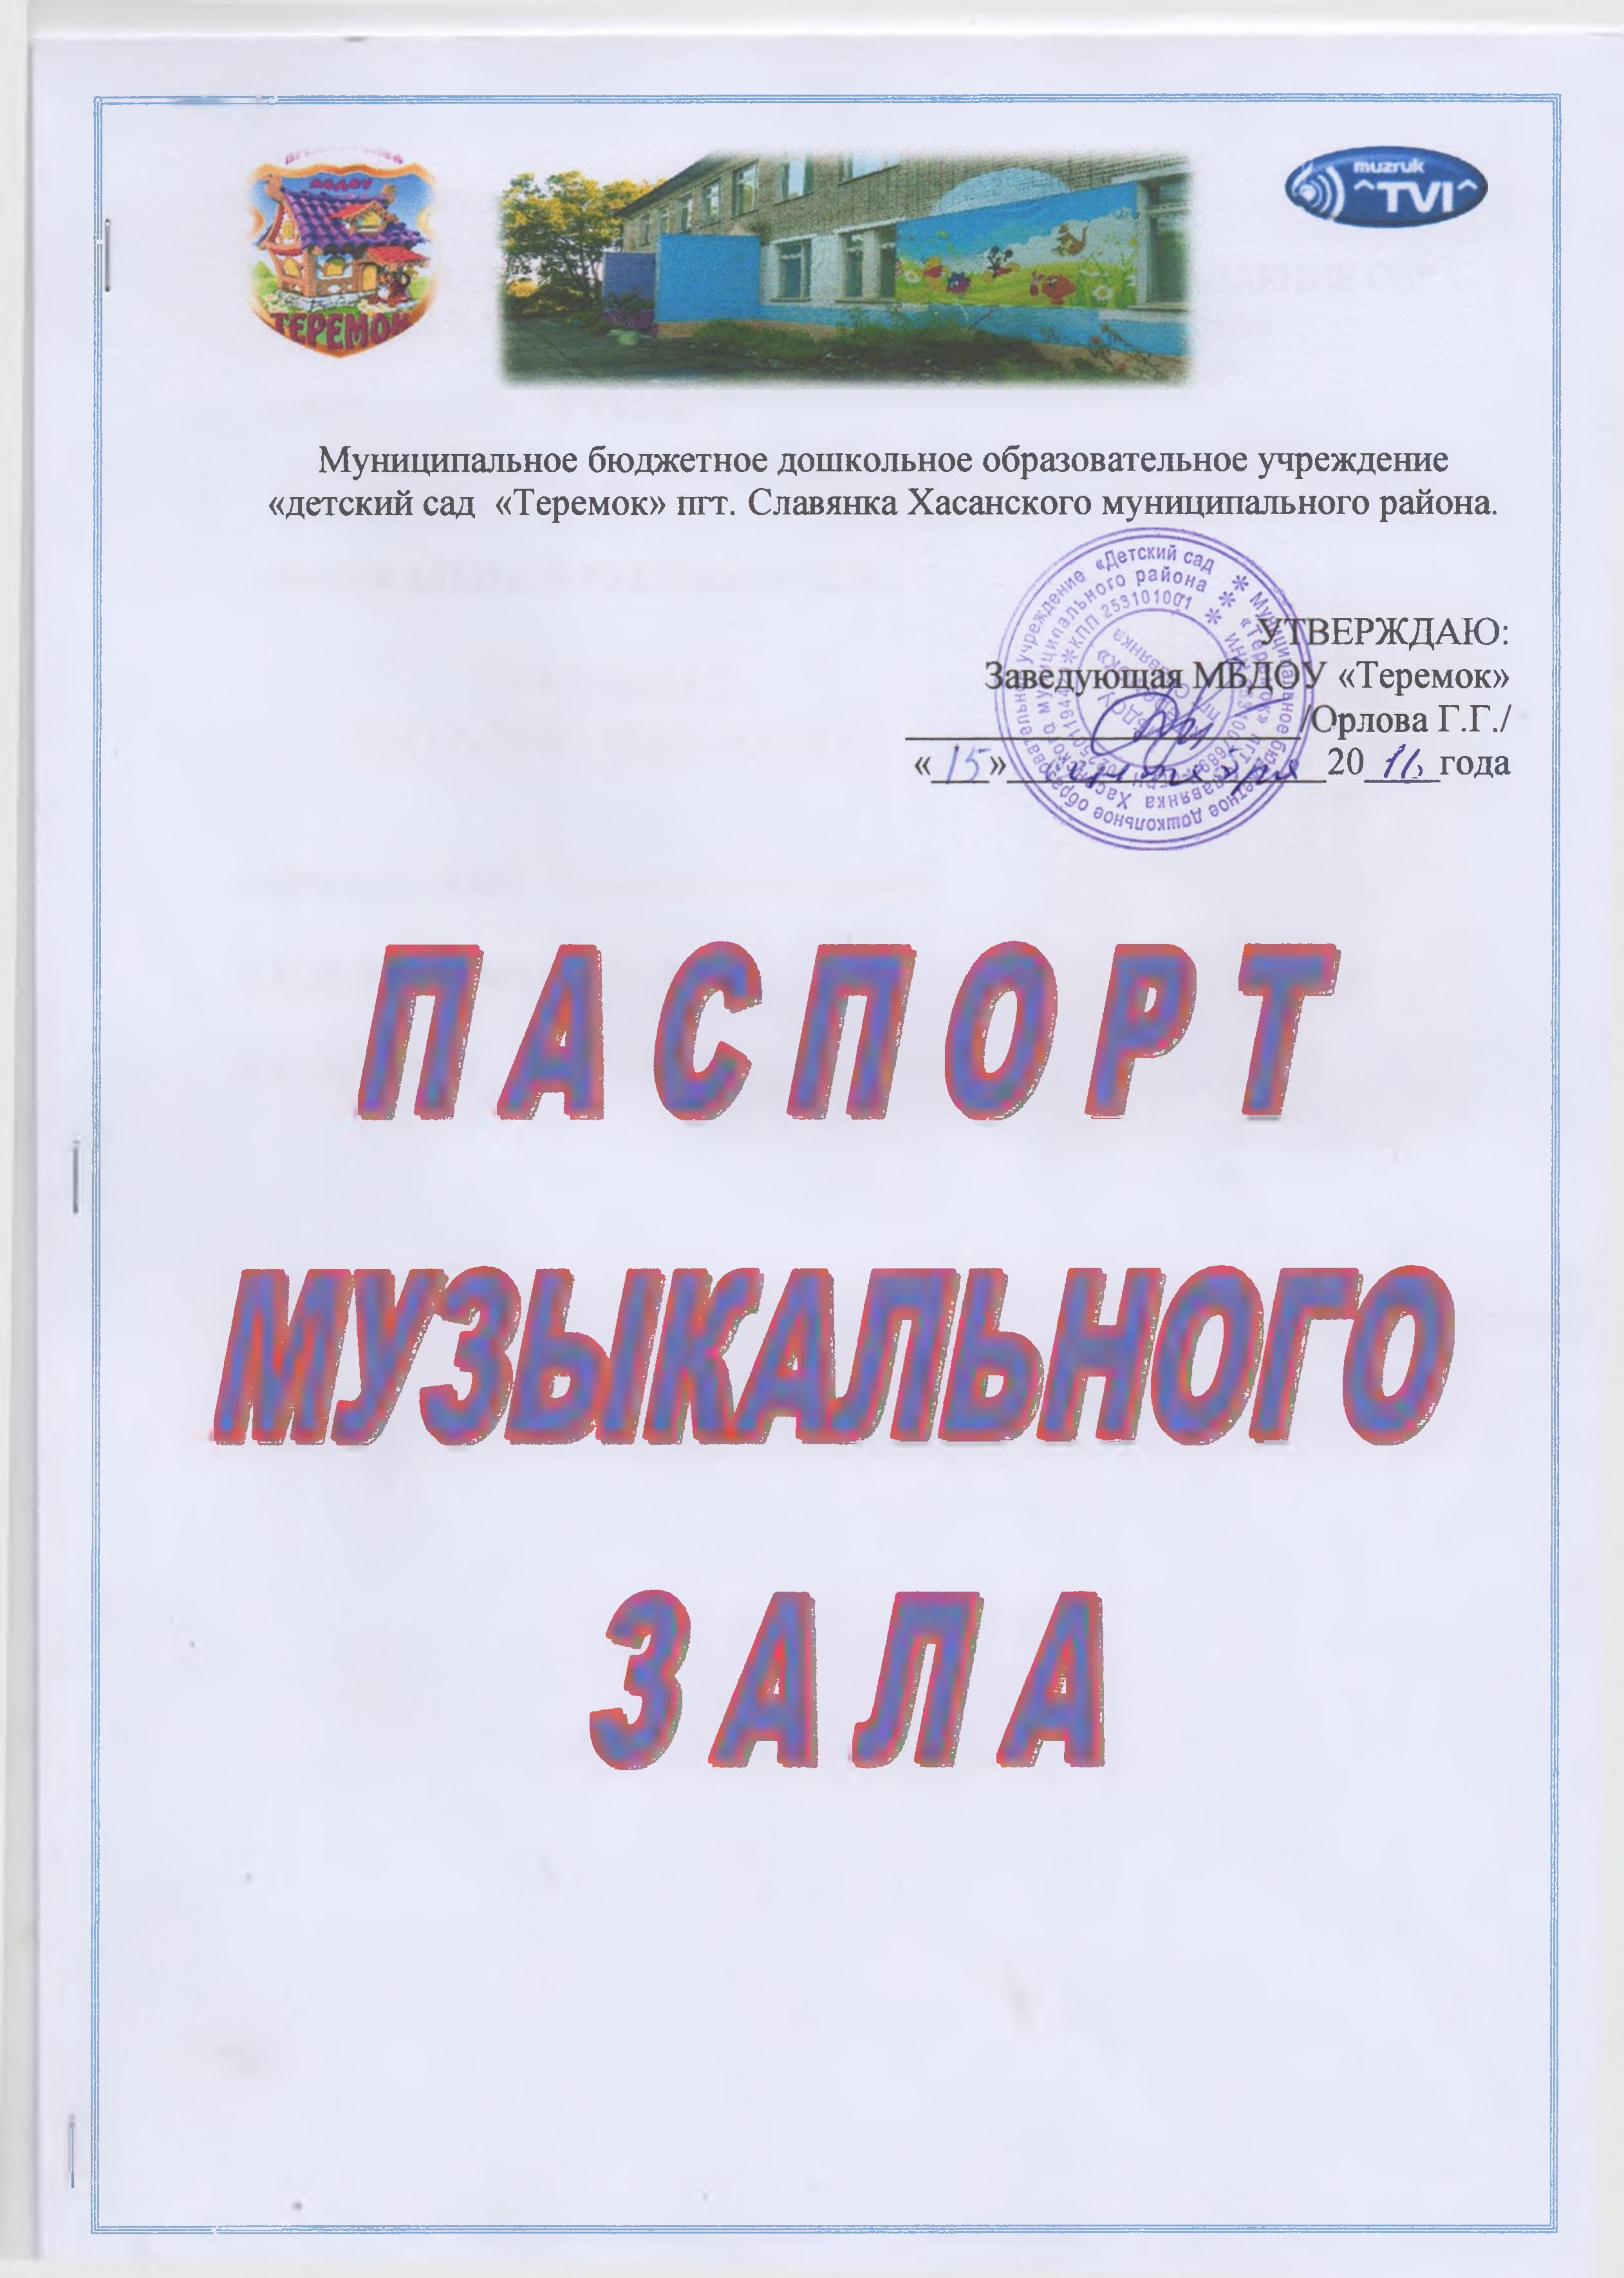 """Всероссийские конкурсы для всех - центр творчества """"Мои таланты&quot"""